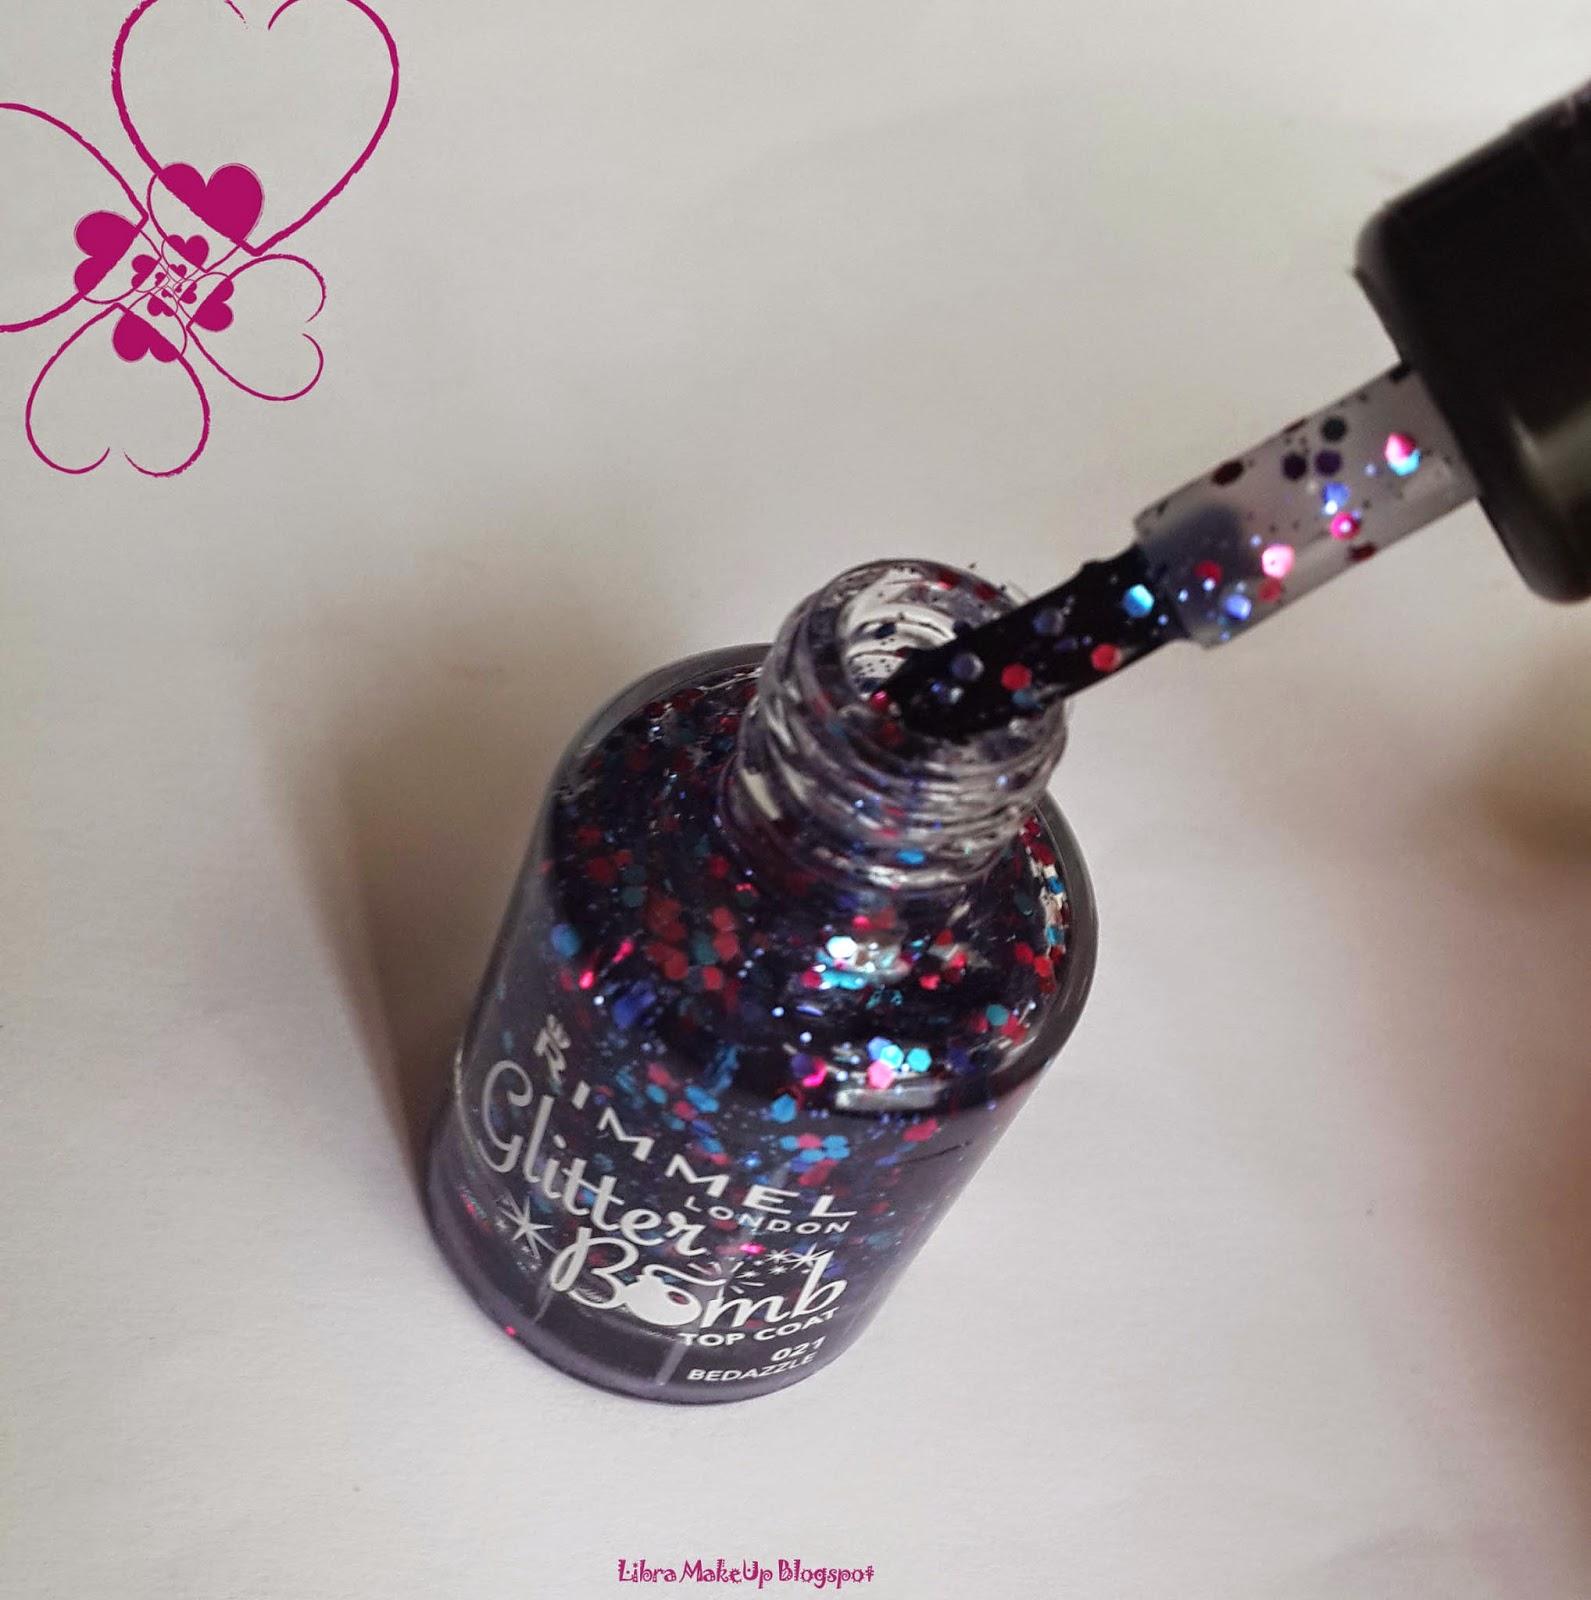 Rimmel London, Glitter Bomb, Bedazzle, oje, parıltılı oje, glitter nailpolish, glitter bomb, nail polish glitter, rimmel london glitter bomb,